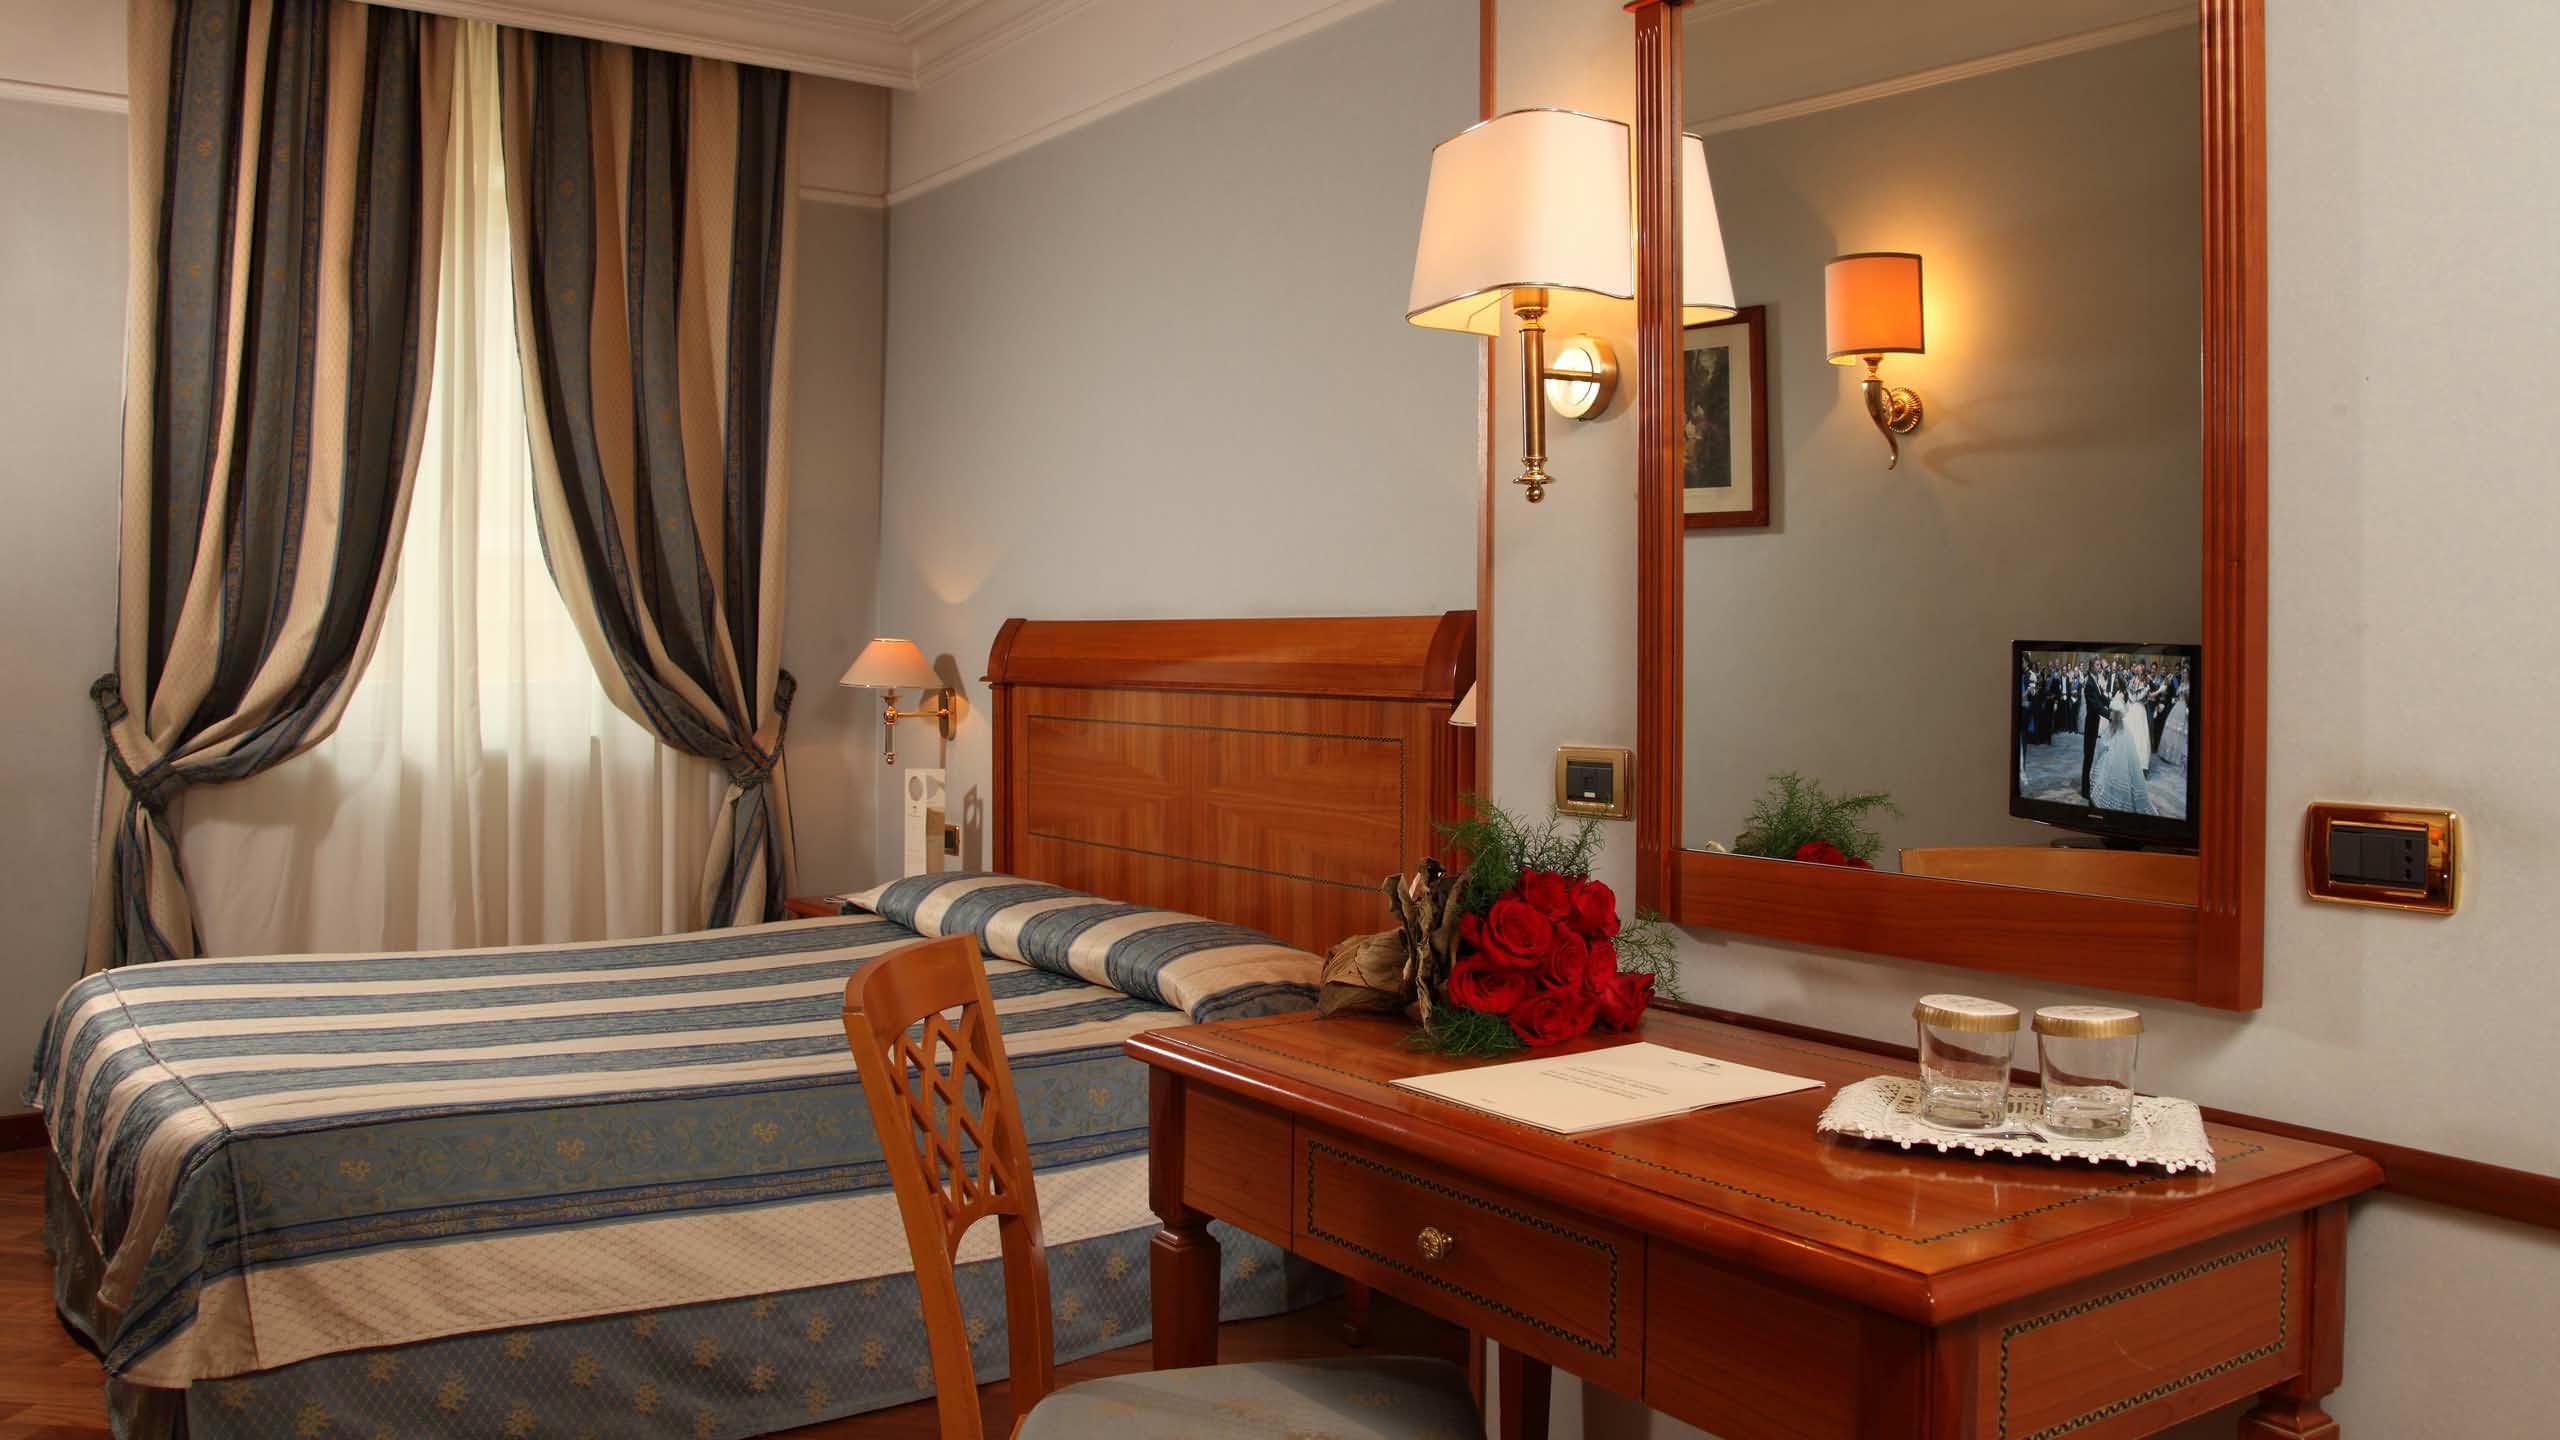 Natale 2014: pochi fasti per gli alberghi italiani